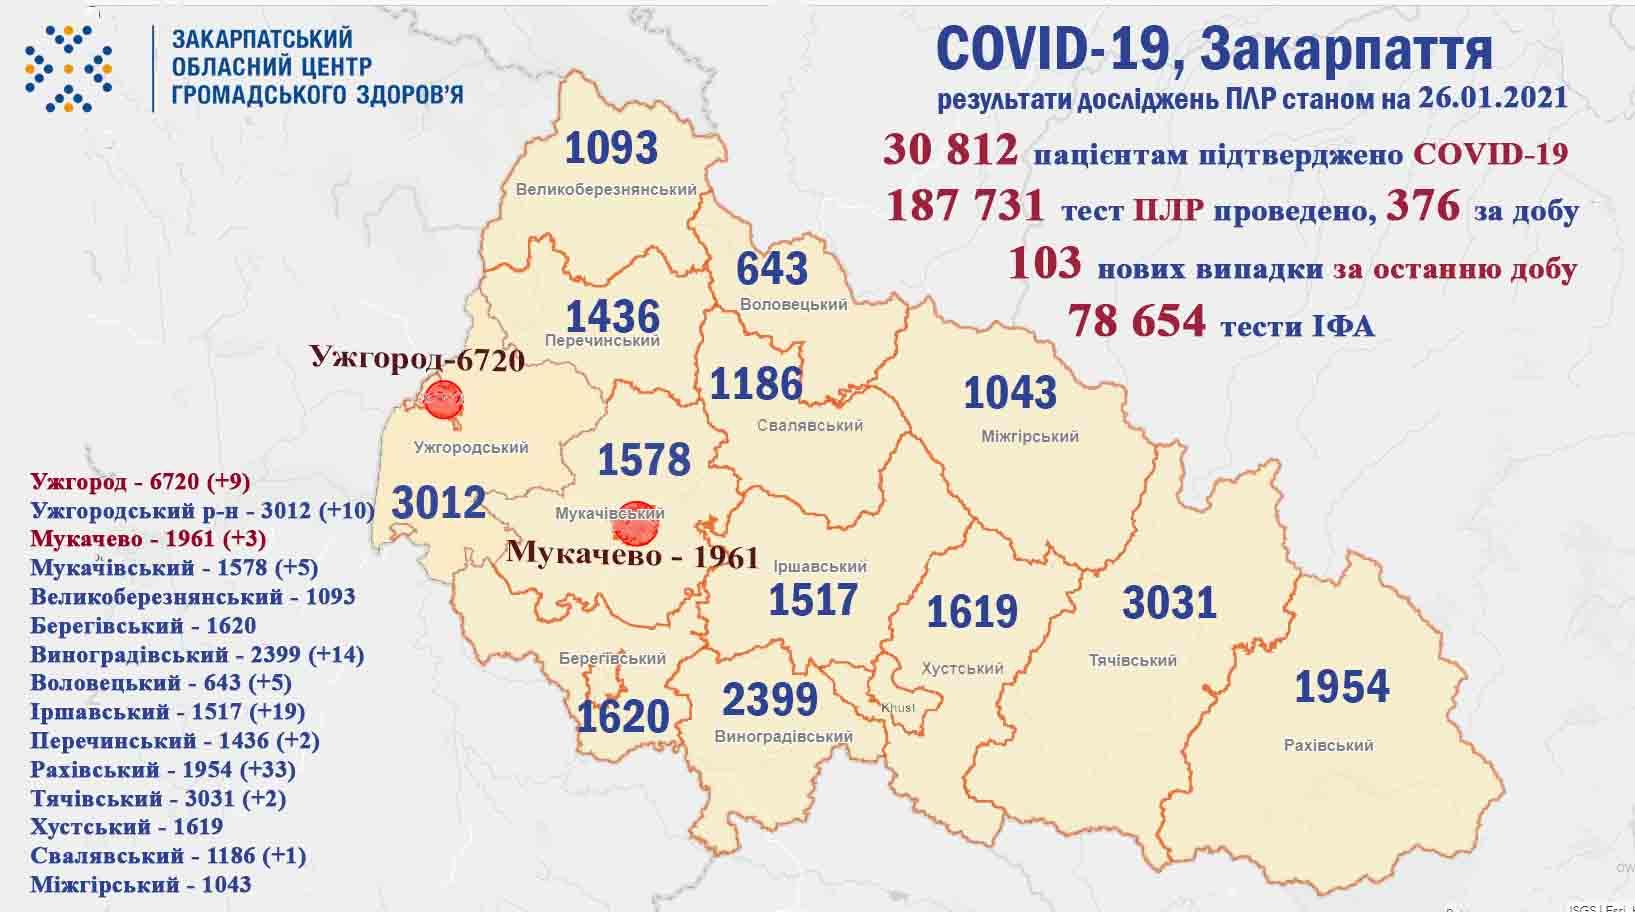 На Закарпатті за минулу добу у 103 пацієнтів підтверджено коронавірус